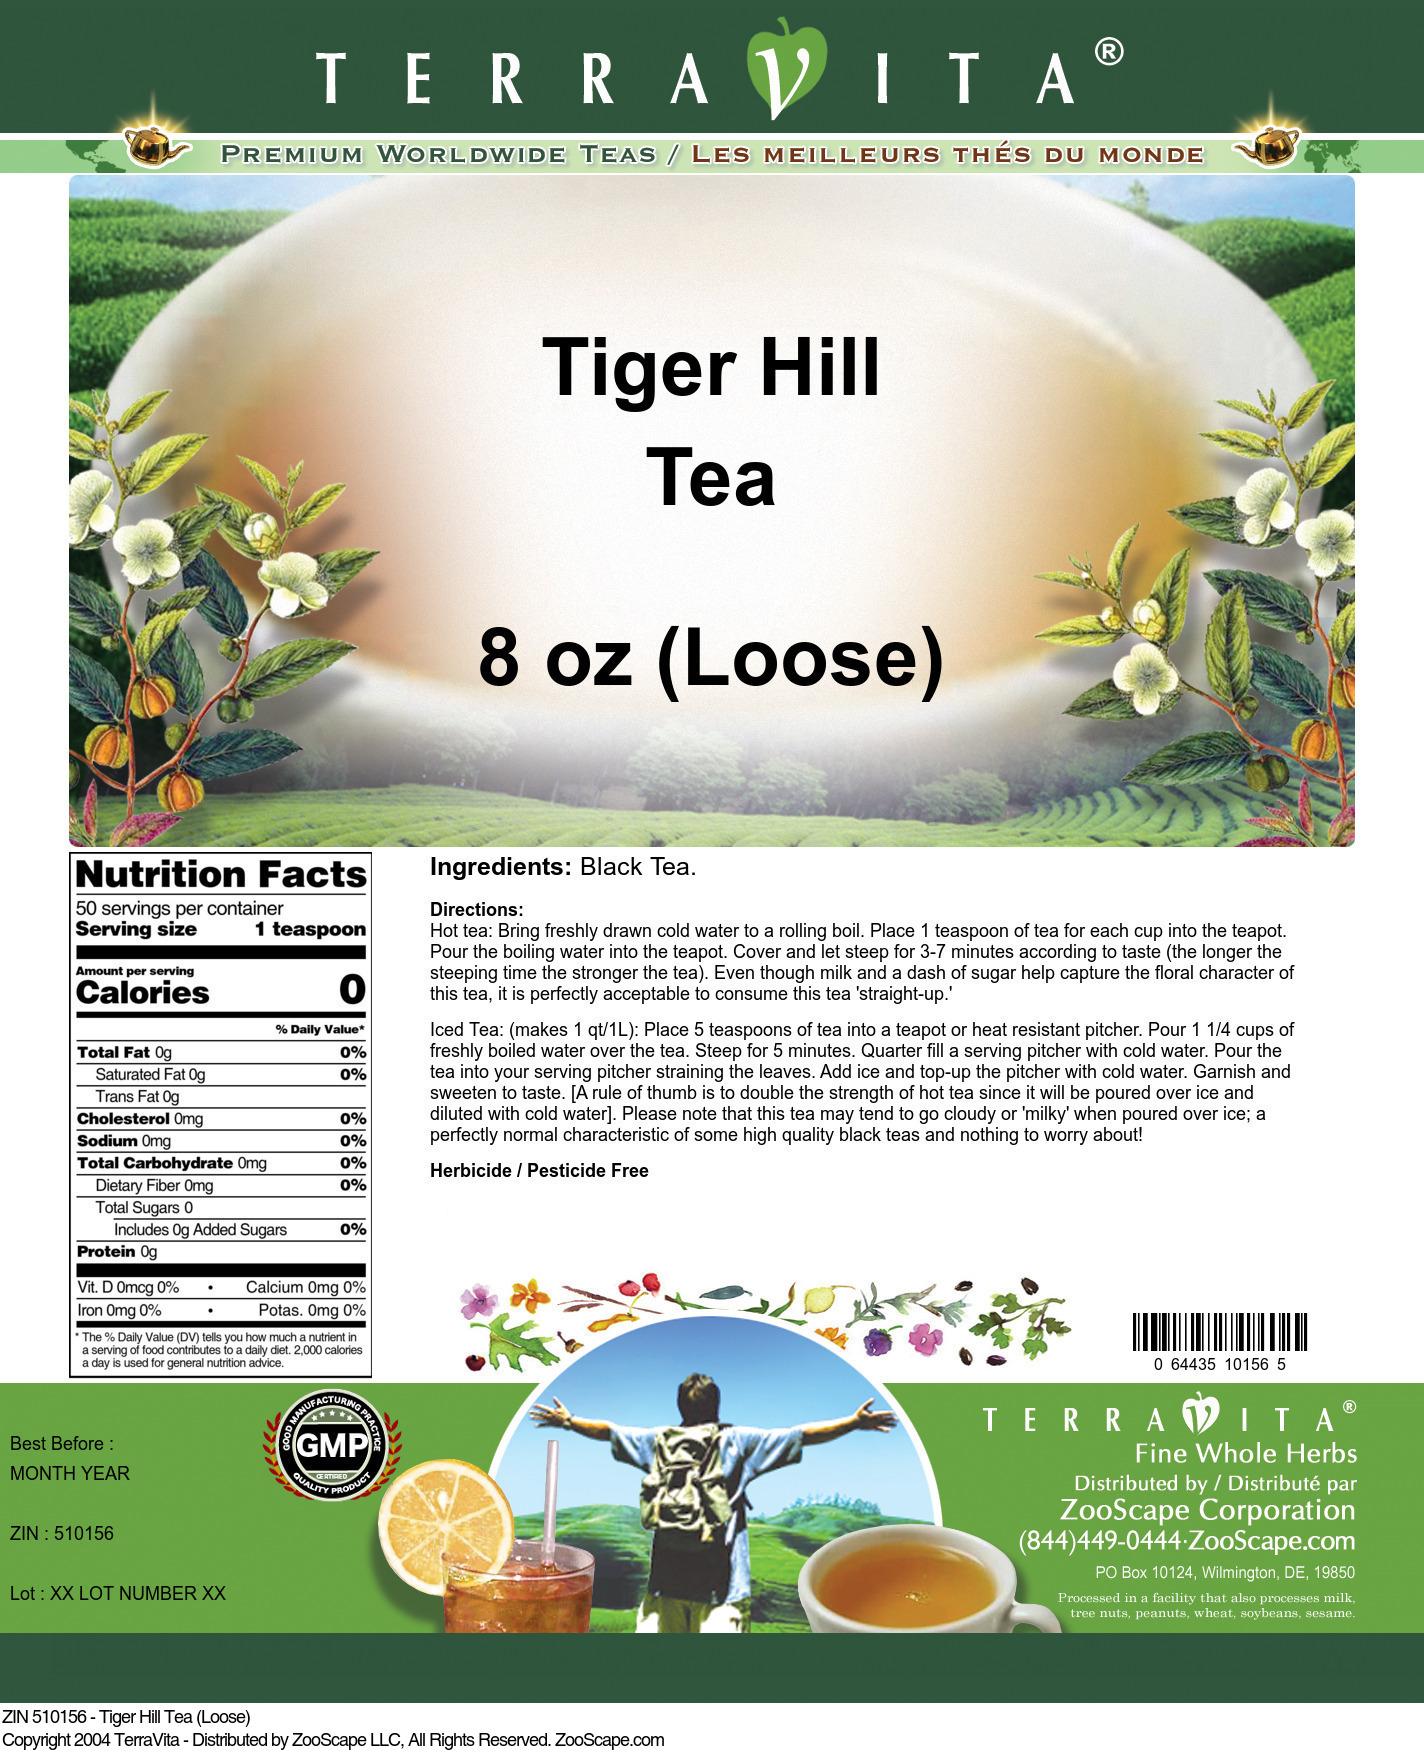 Tiger Hill Tea (Loose)